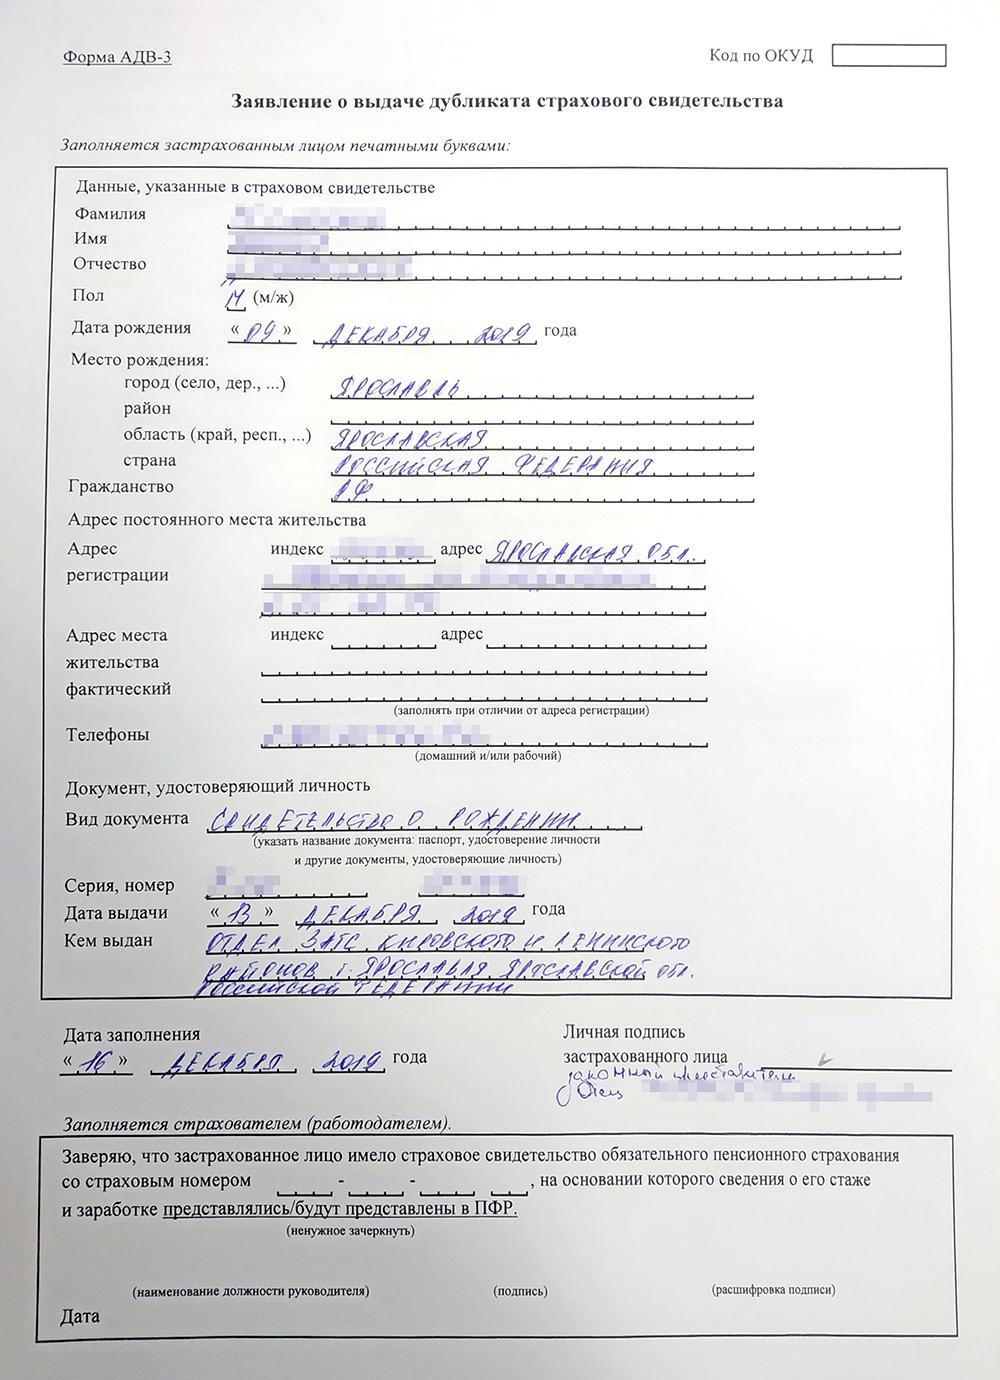 Заявление по форме пенсионного фонда за ребенка подписывает один из родителей